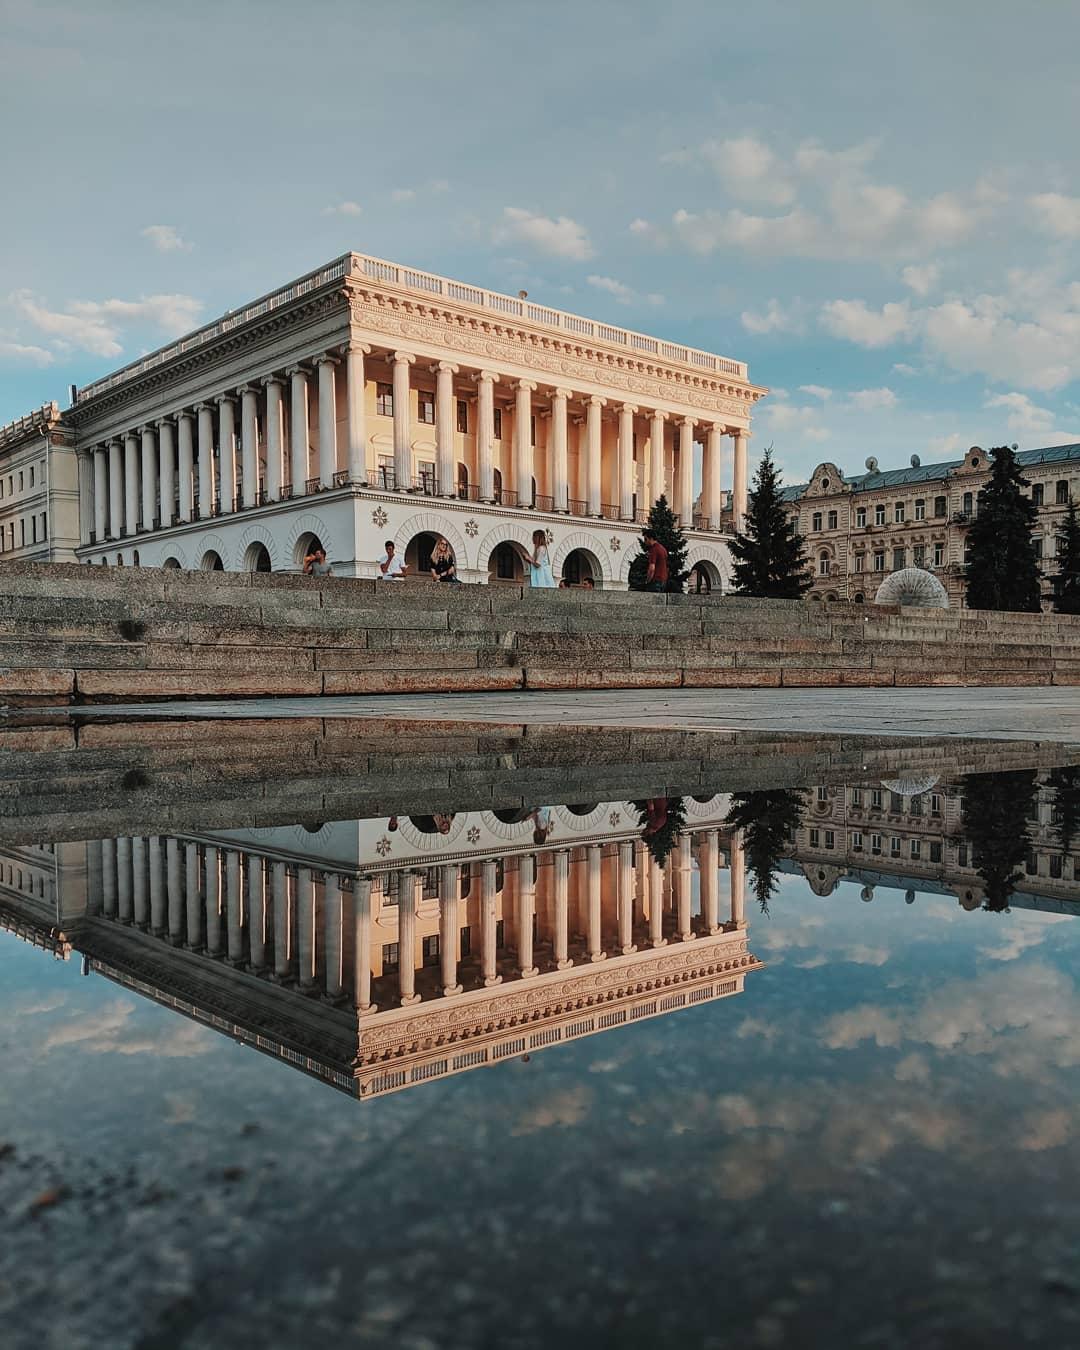 Музыкальная академия имени Чайковского выглядит очень красиво и воздушно. Что уж говорить, когда академий сразу две? Вот и @lad.pyatigor задался вопросом